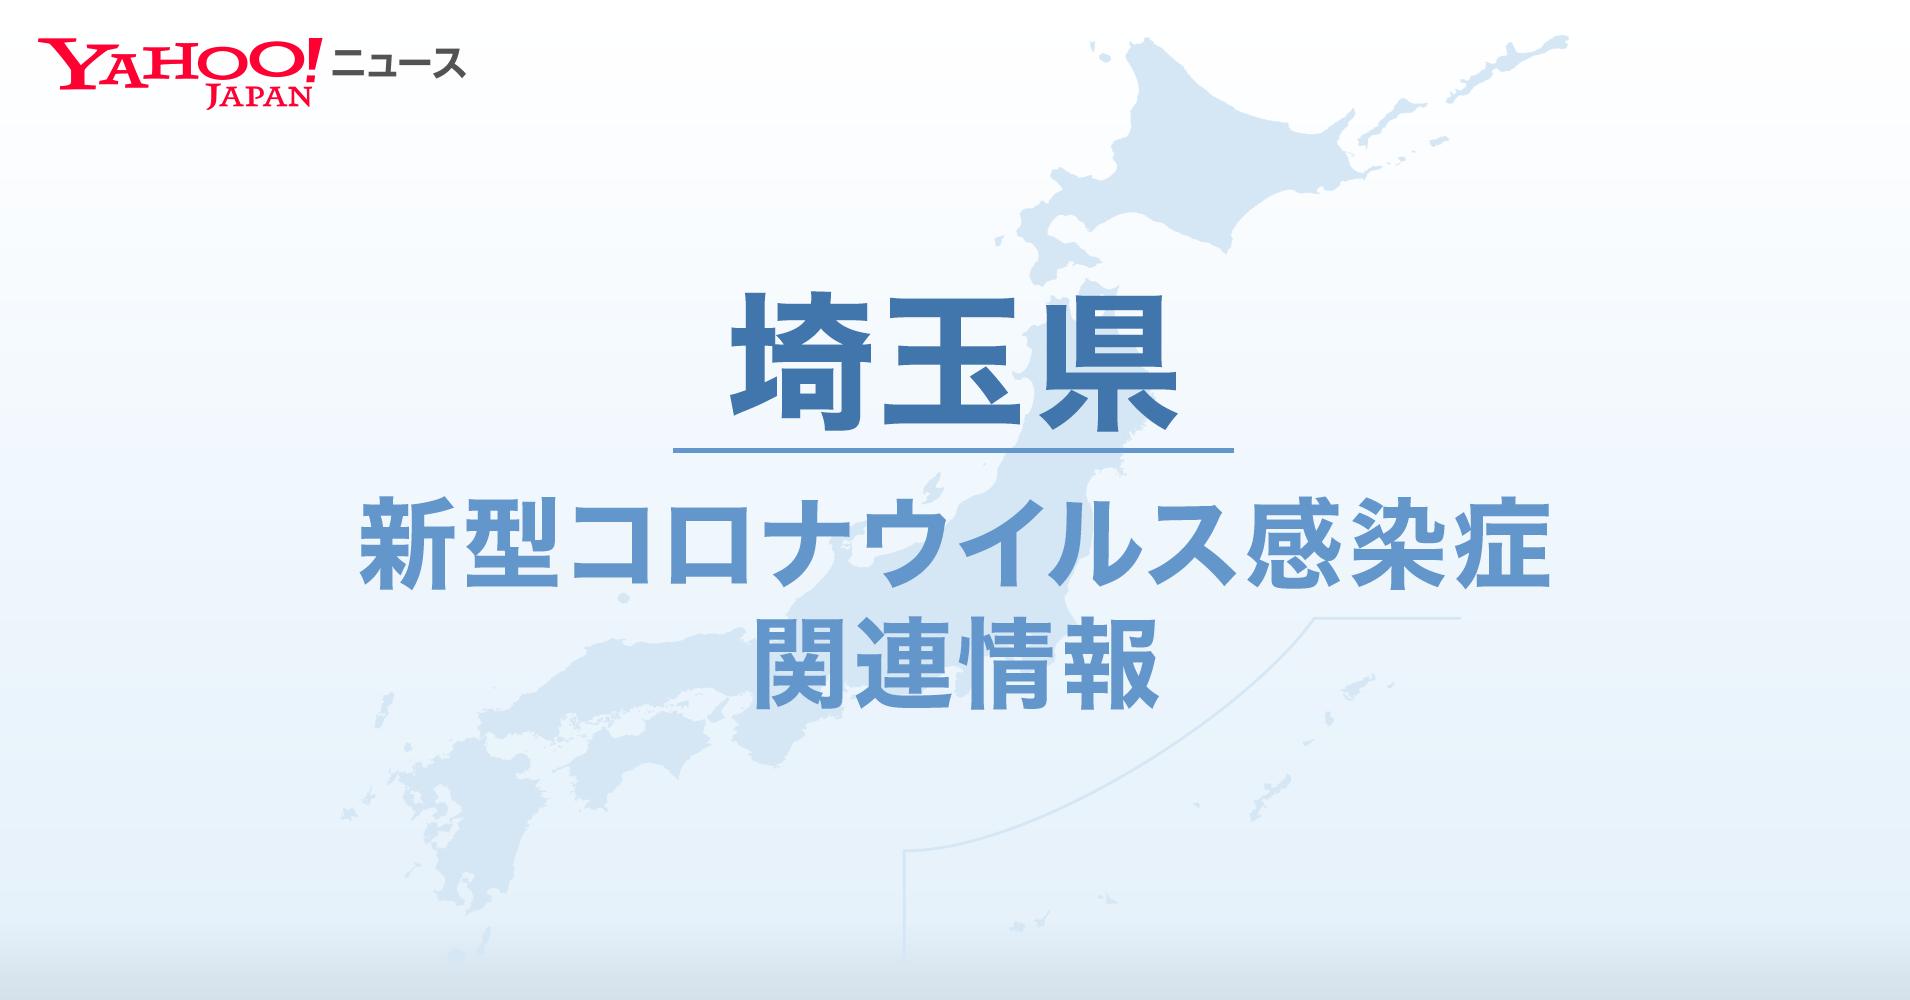 ウイルス 変異 埼玉 県